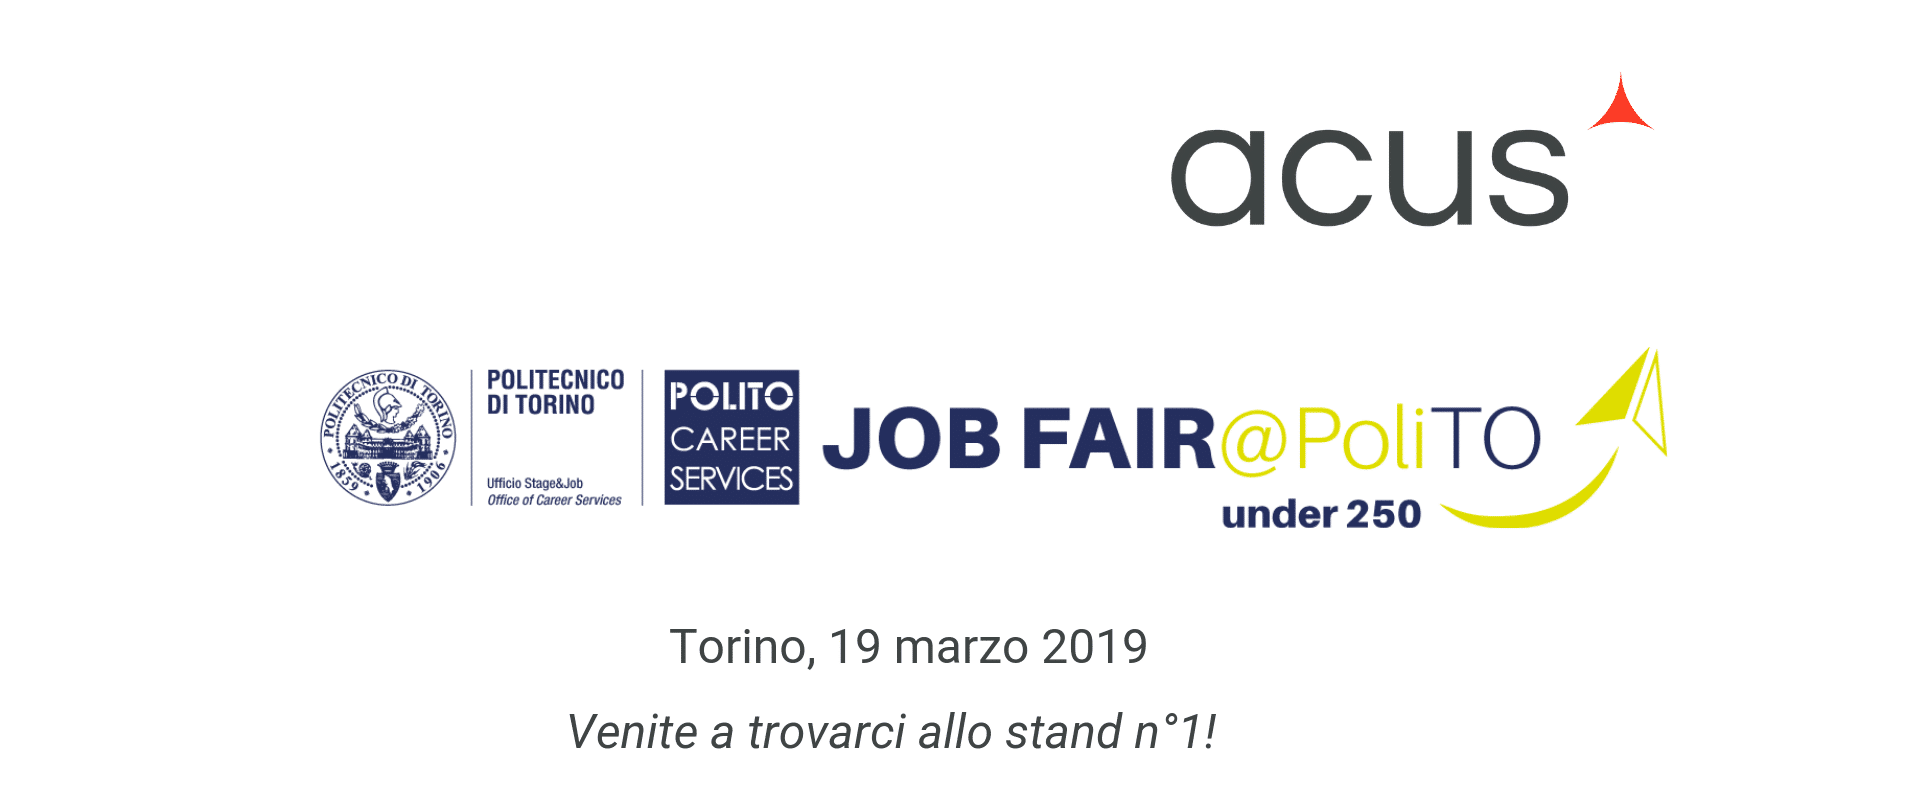 Acus al Job Fair PoliTO